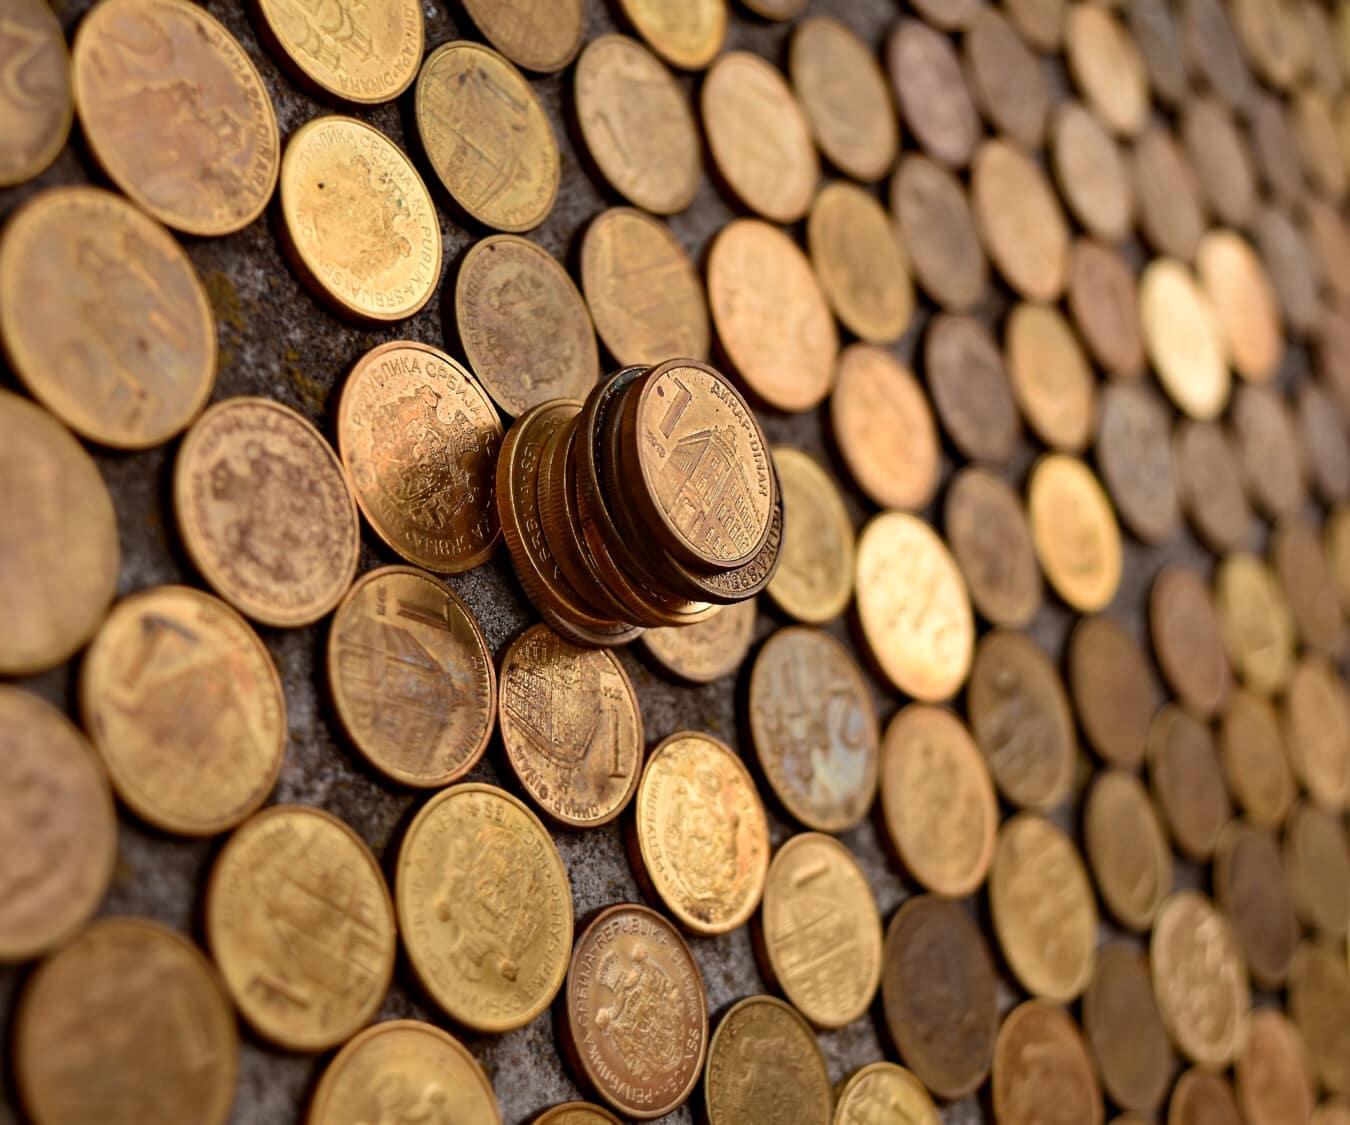 Währung, Geld, Metall, Serbien, Münzen, Fortune, Investition, reiche, Bargeld, Stapel